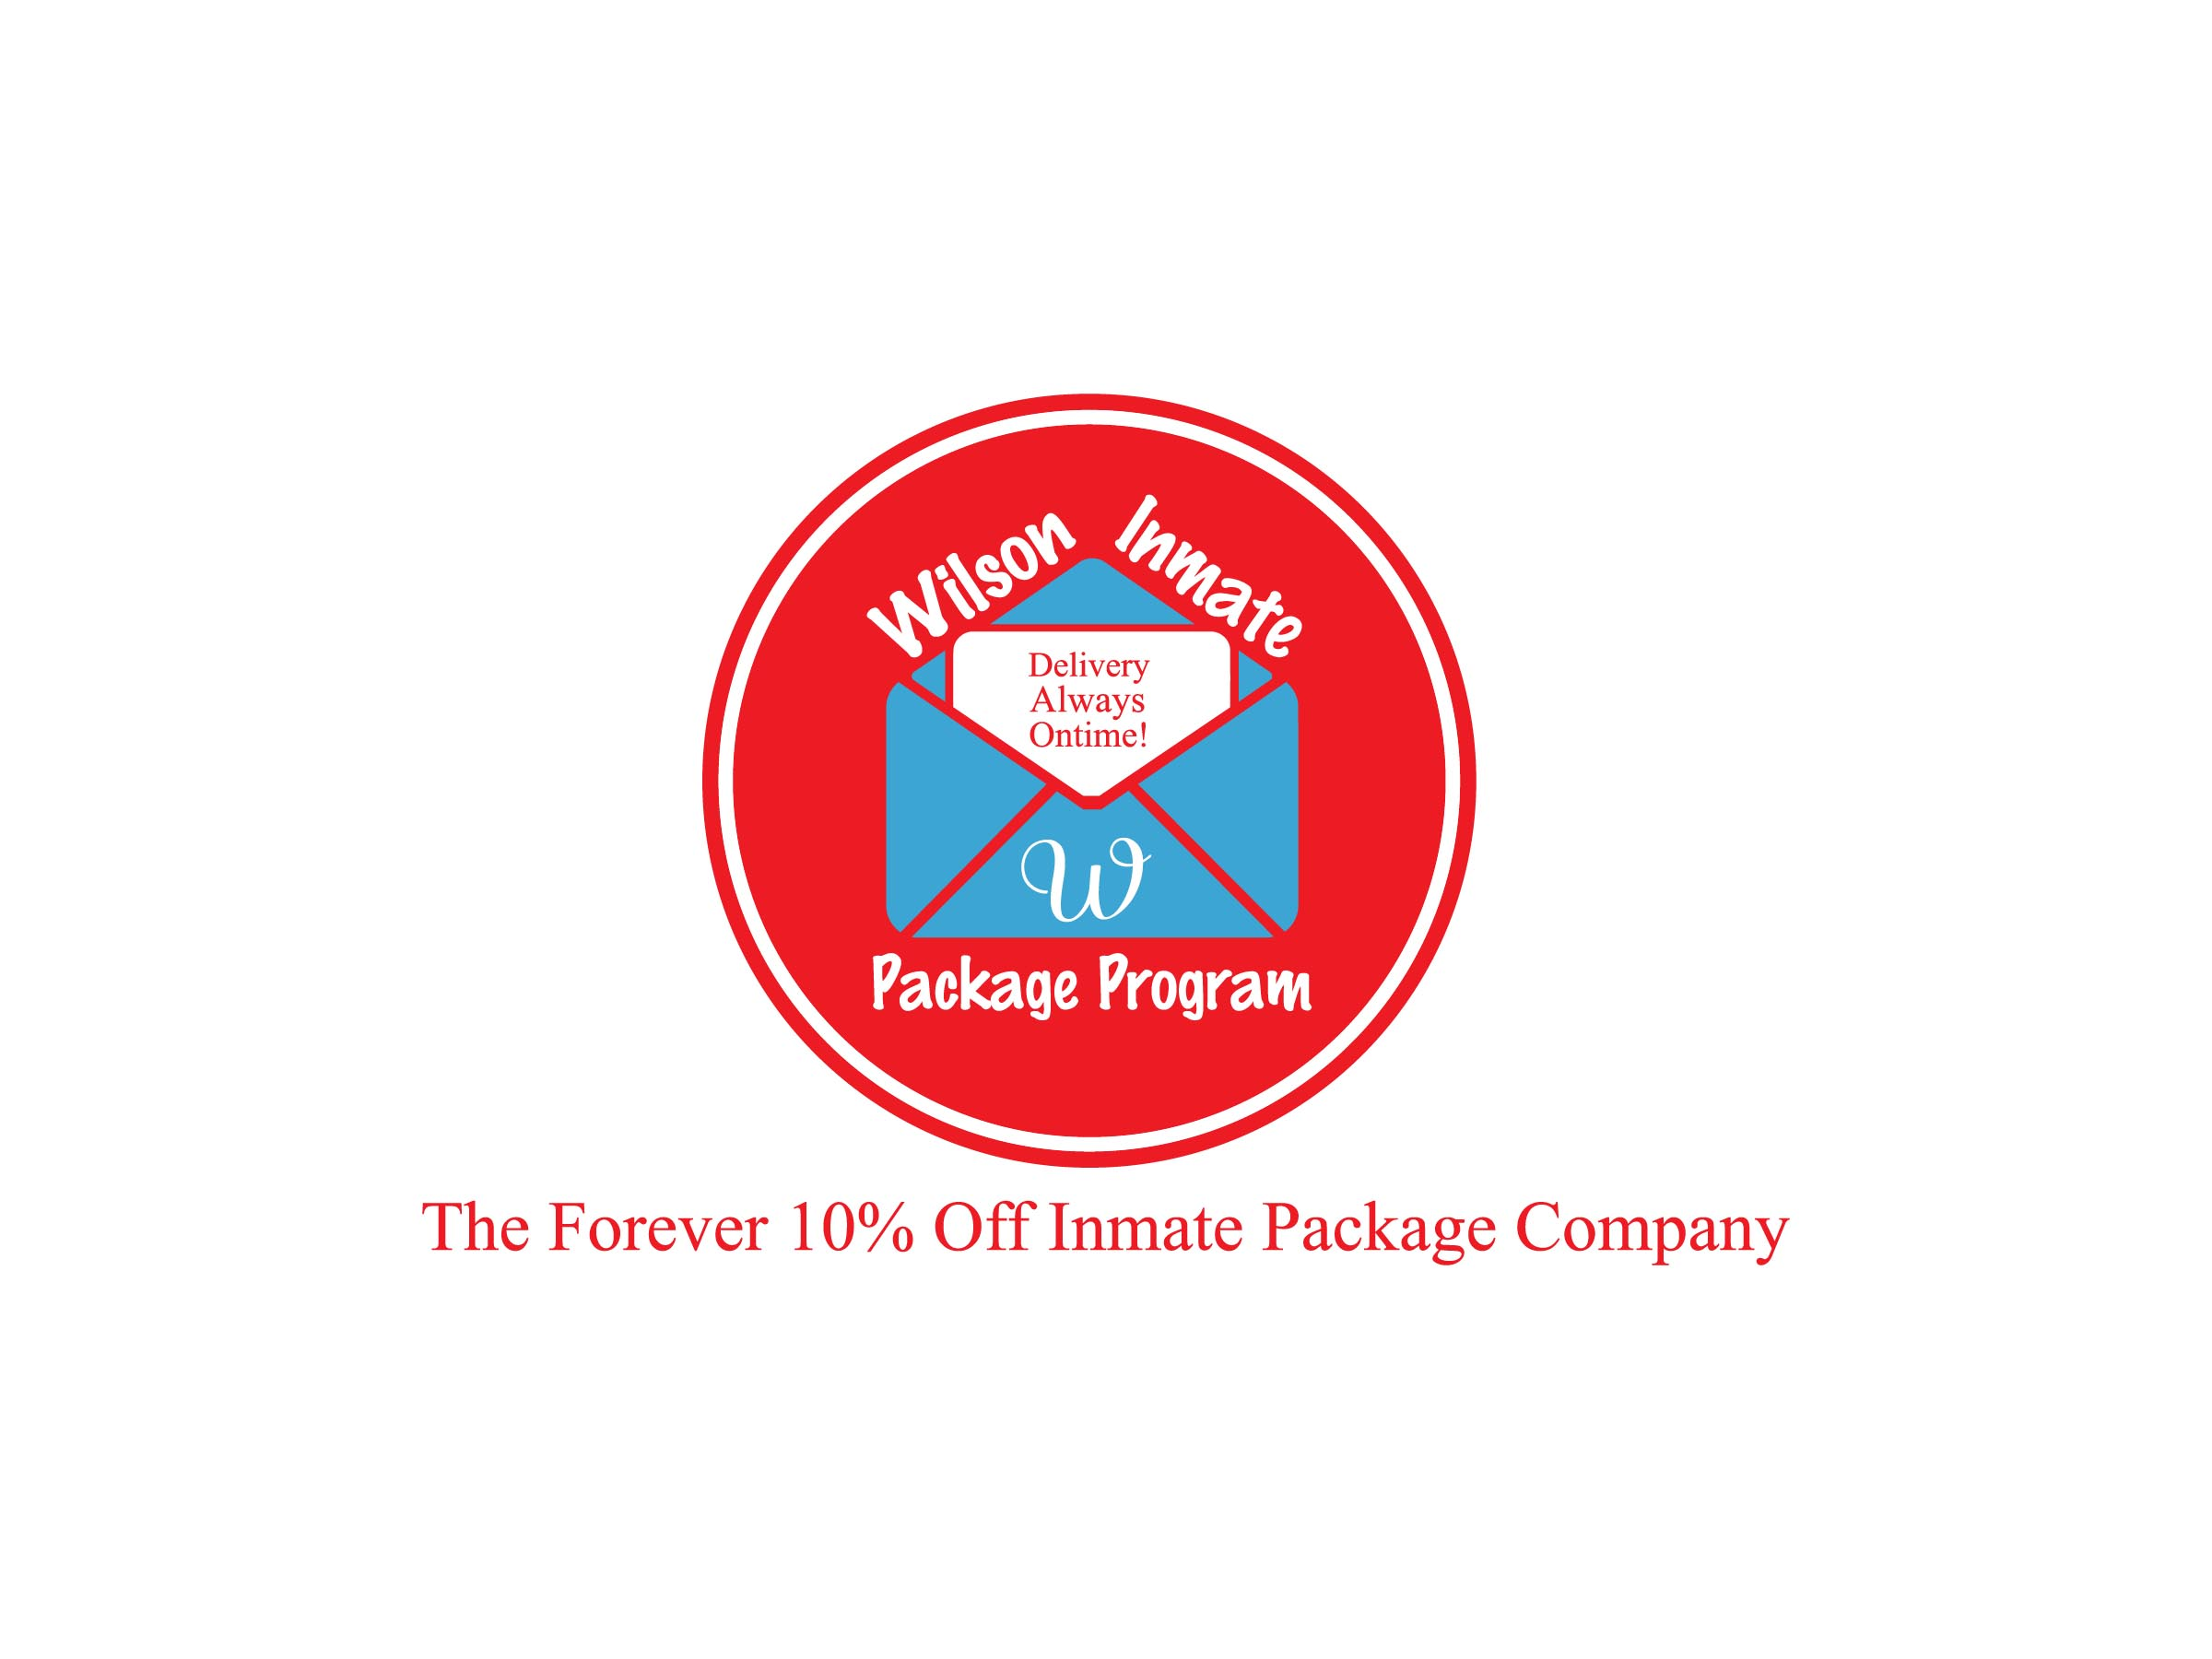 Wilson Inmate Package Program Inc